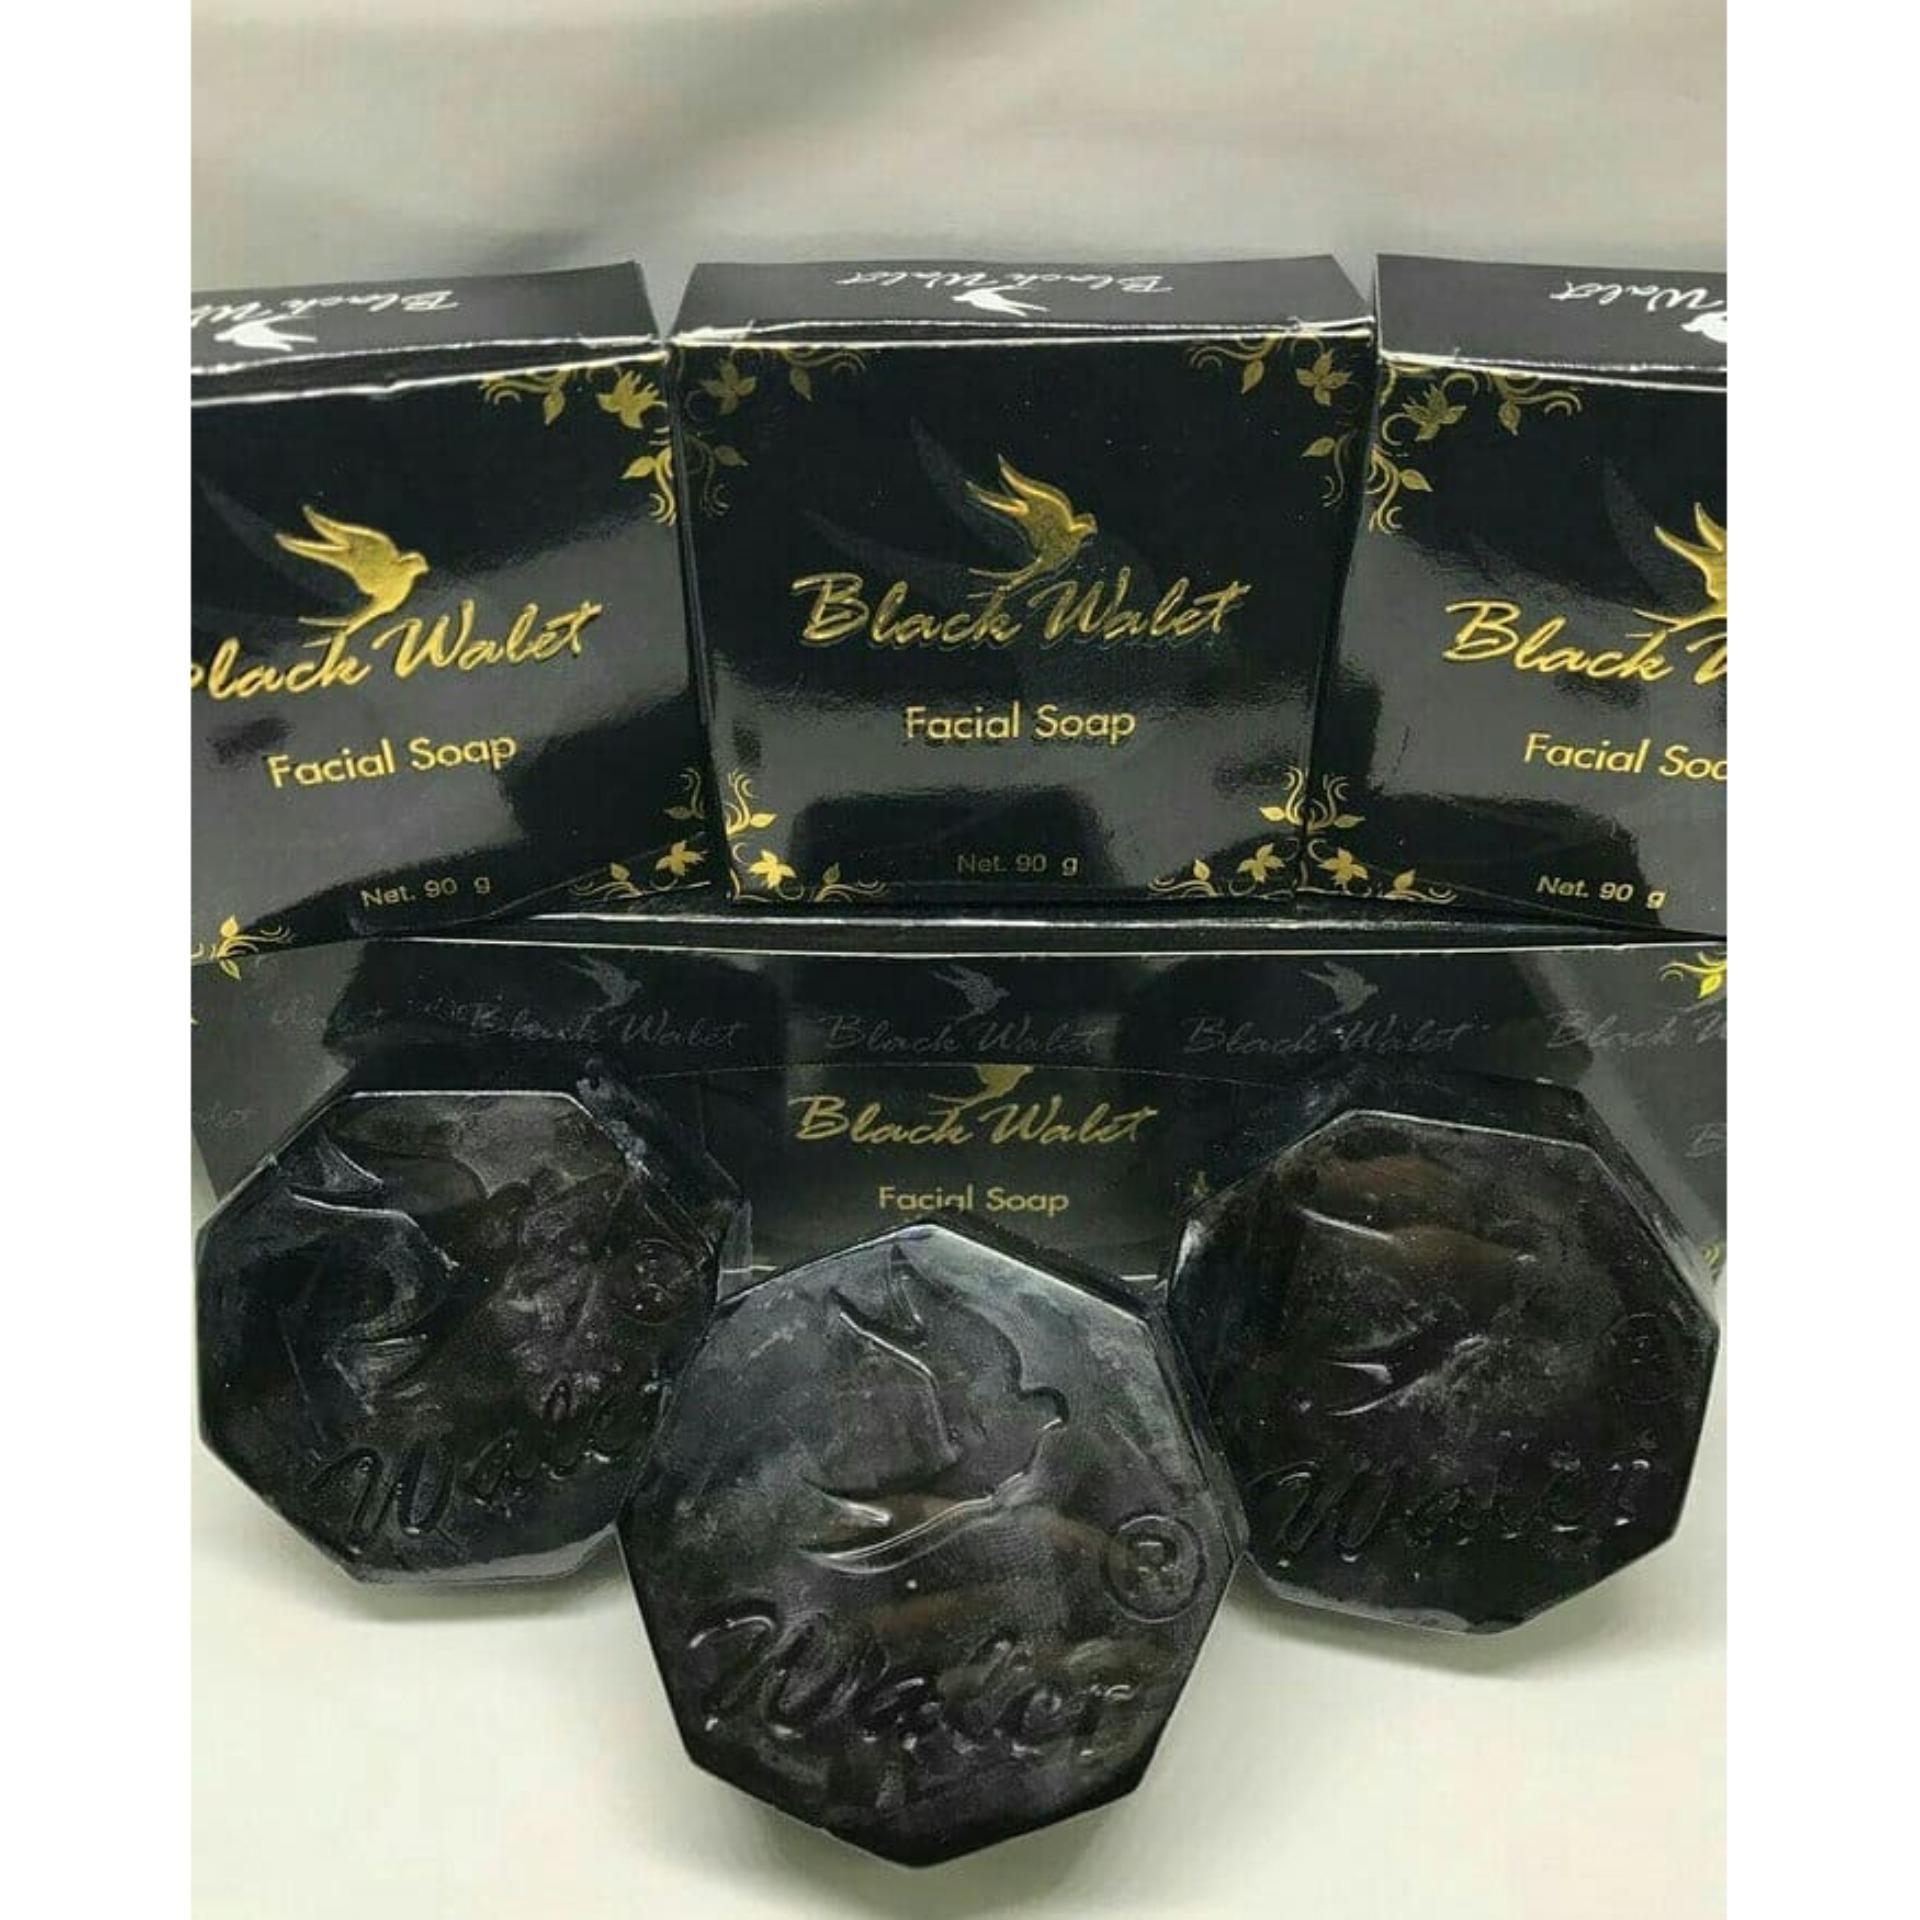 Harga black wallet soap sabun black wallet bpom 1